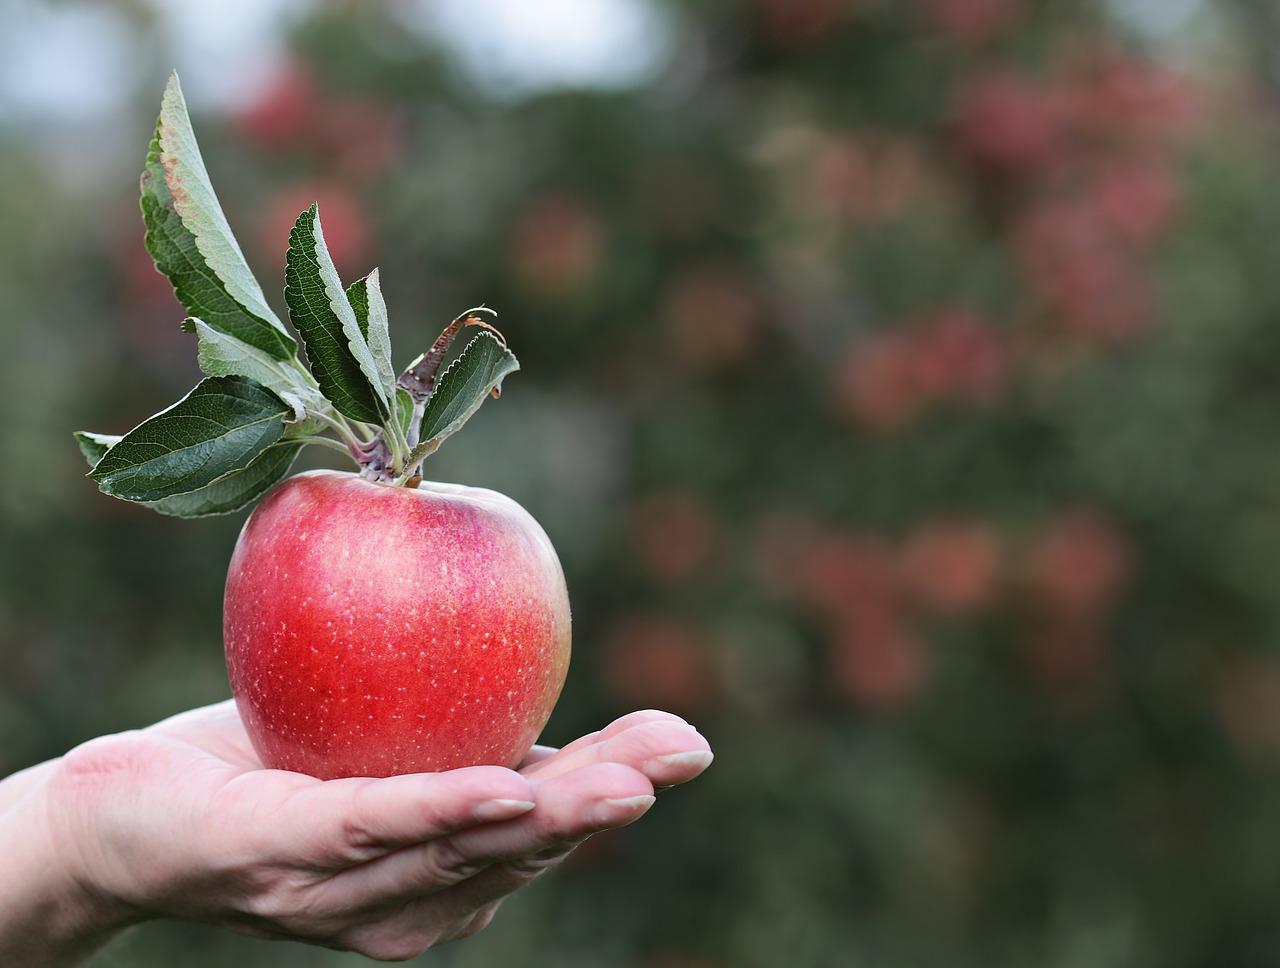 Comer uma maçã por dia faz bem? Descubra os benefícios!